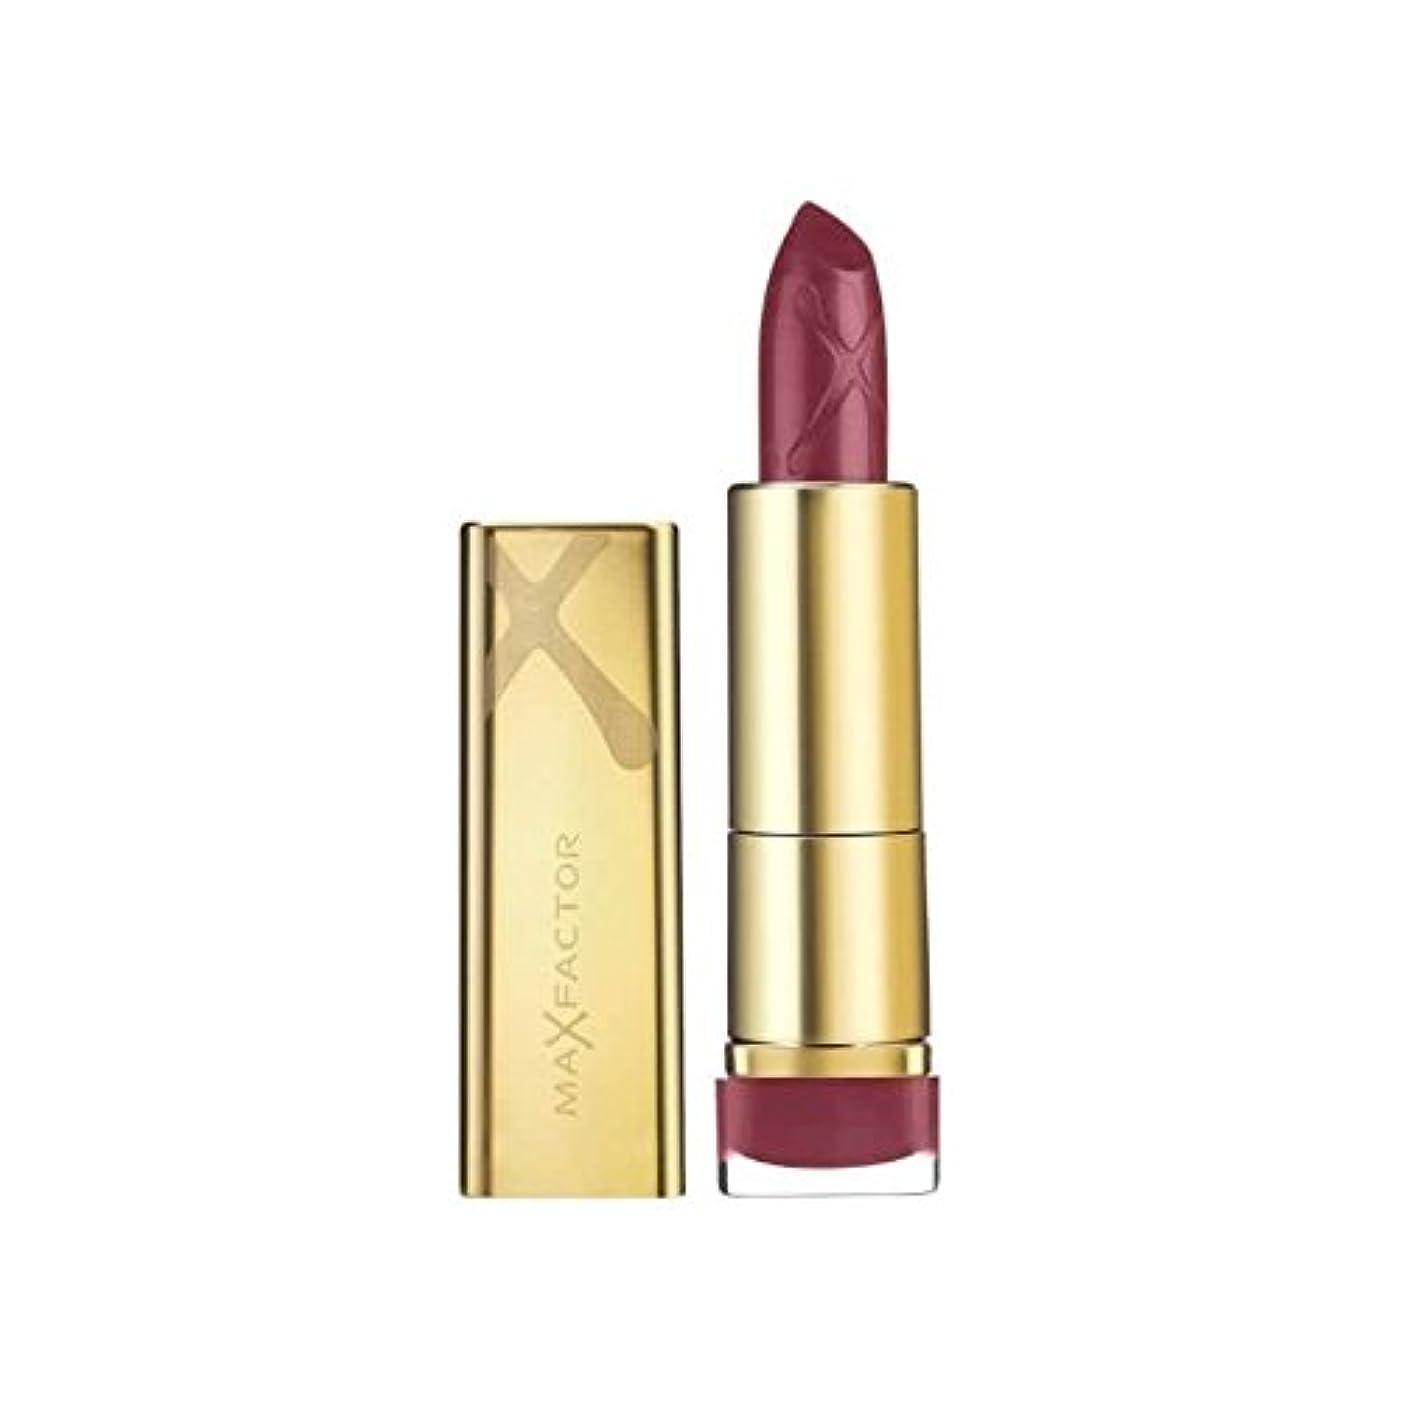 ストッキングパズル接ぎ木Max Factor Colour Elixir Lipstick Raisin 894 - マックスファクターカラーエリクシルの口紅レーズン894 [並行輸入品]